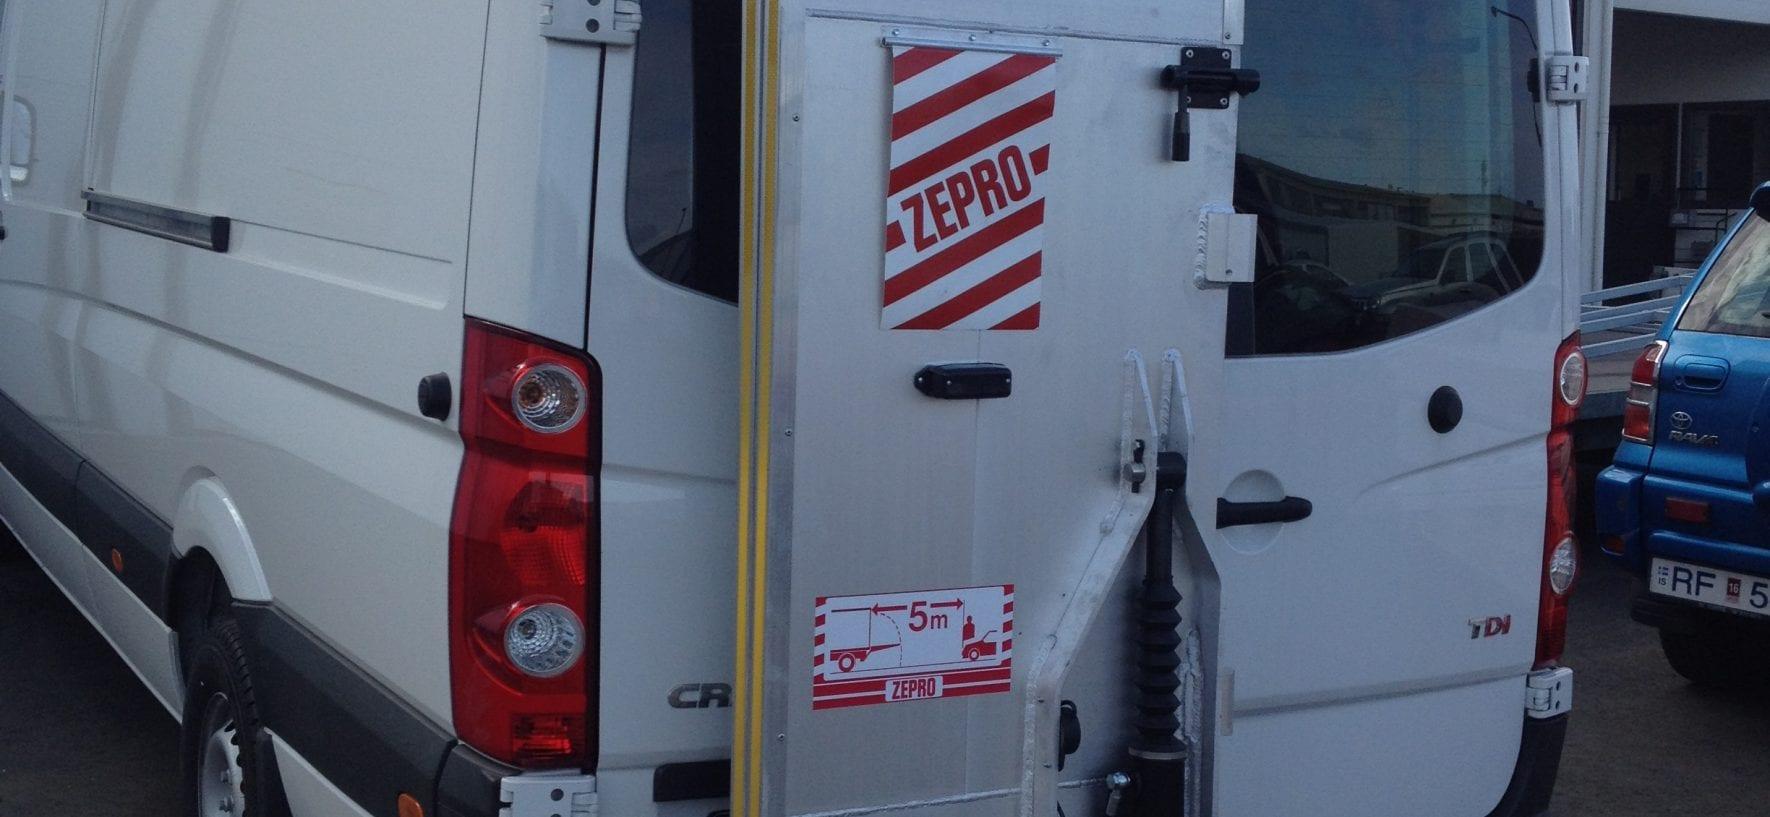 Zepro lyfta á Bens Sprinter